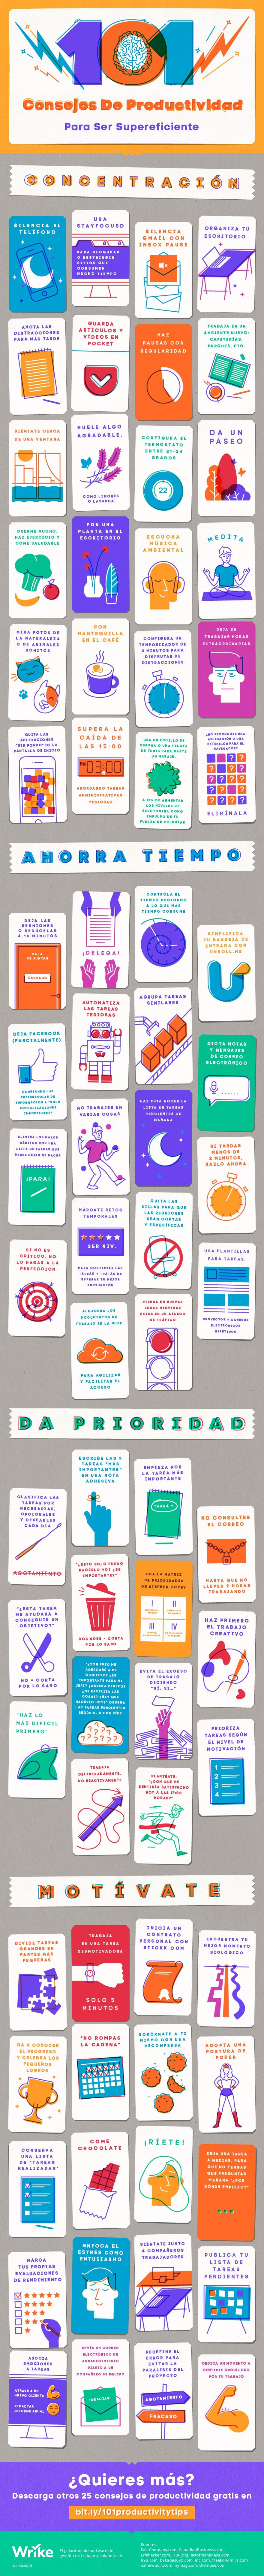 Infografía sobre Productividad